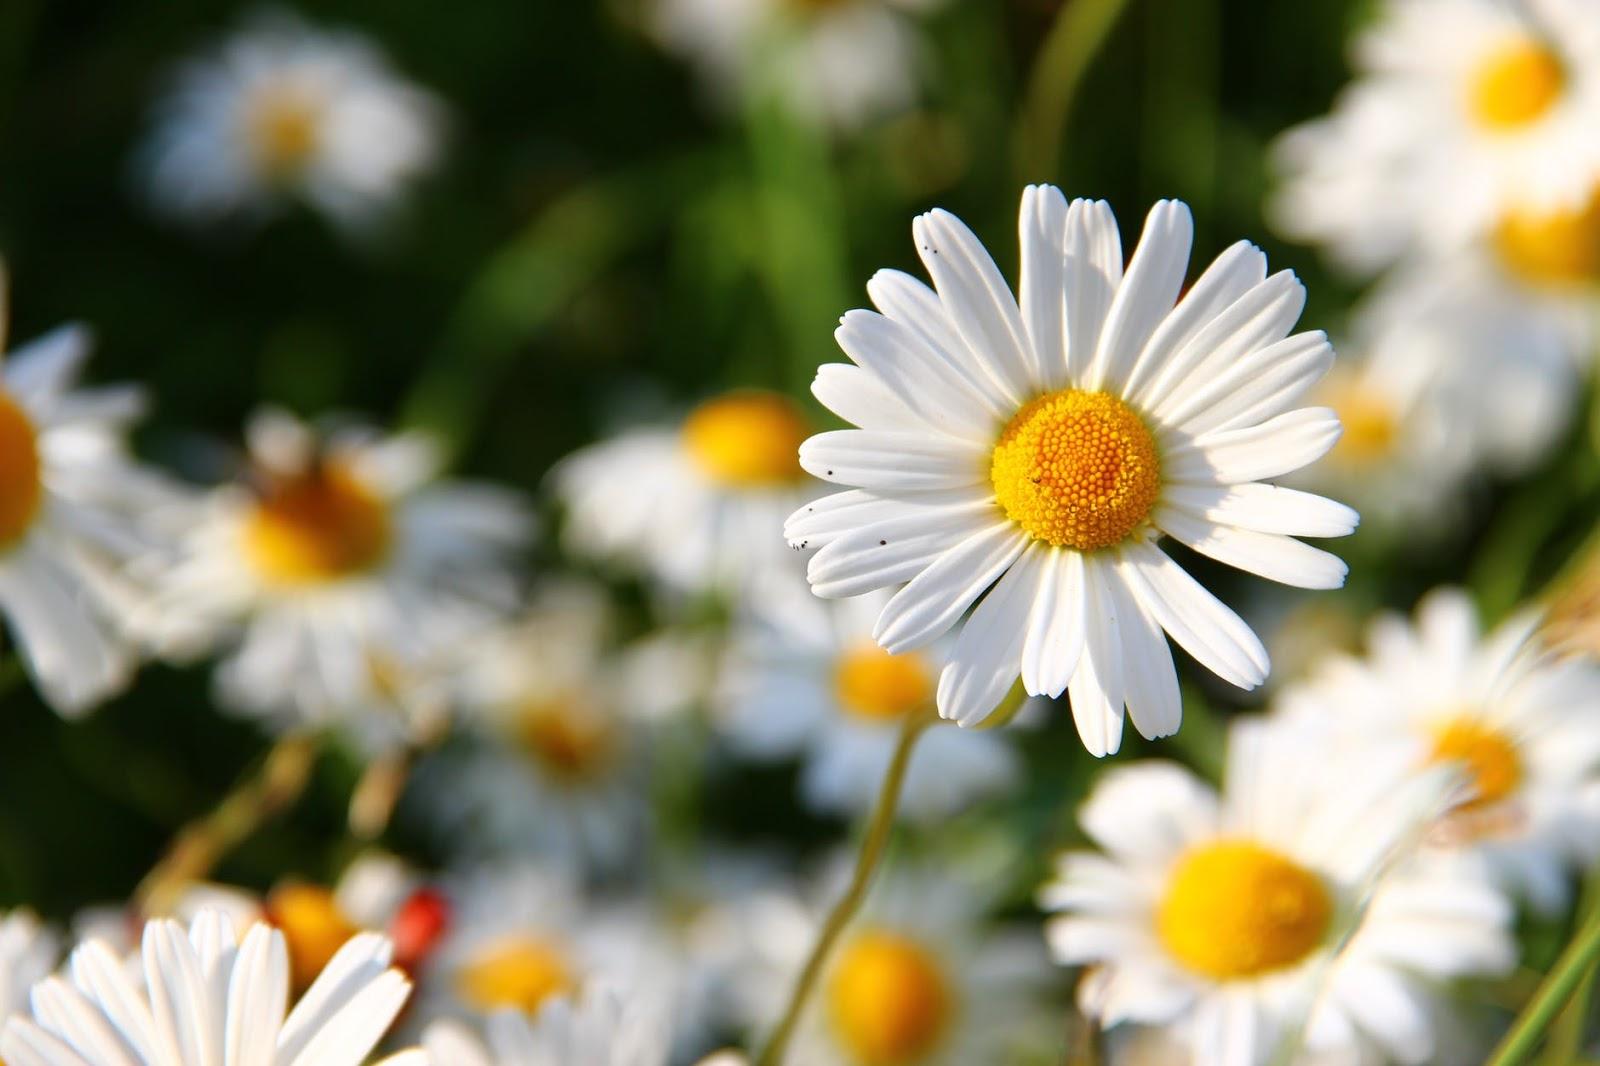 Flower Wallpaper White Daisy Hd Daisy Wallpaper Hd Walls